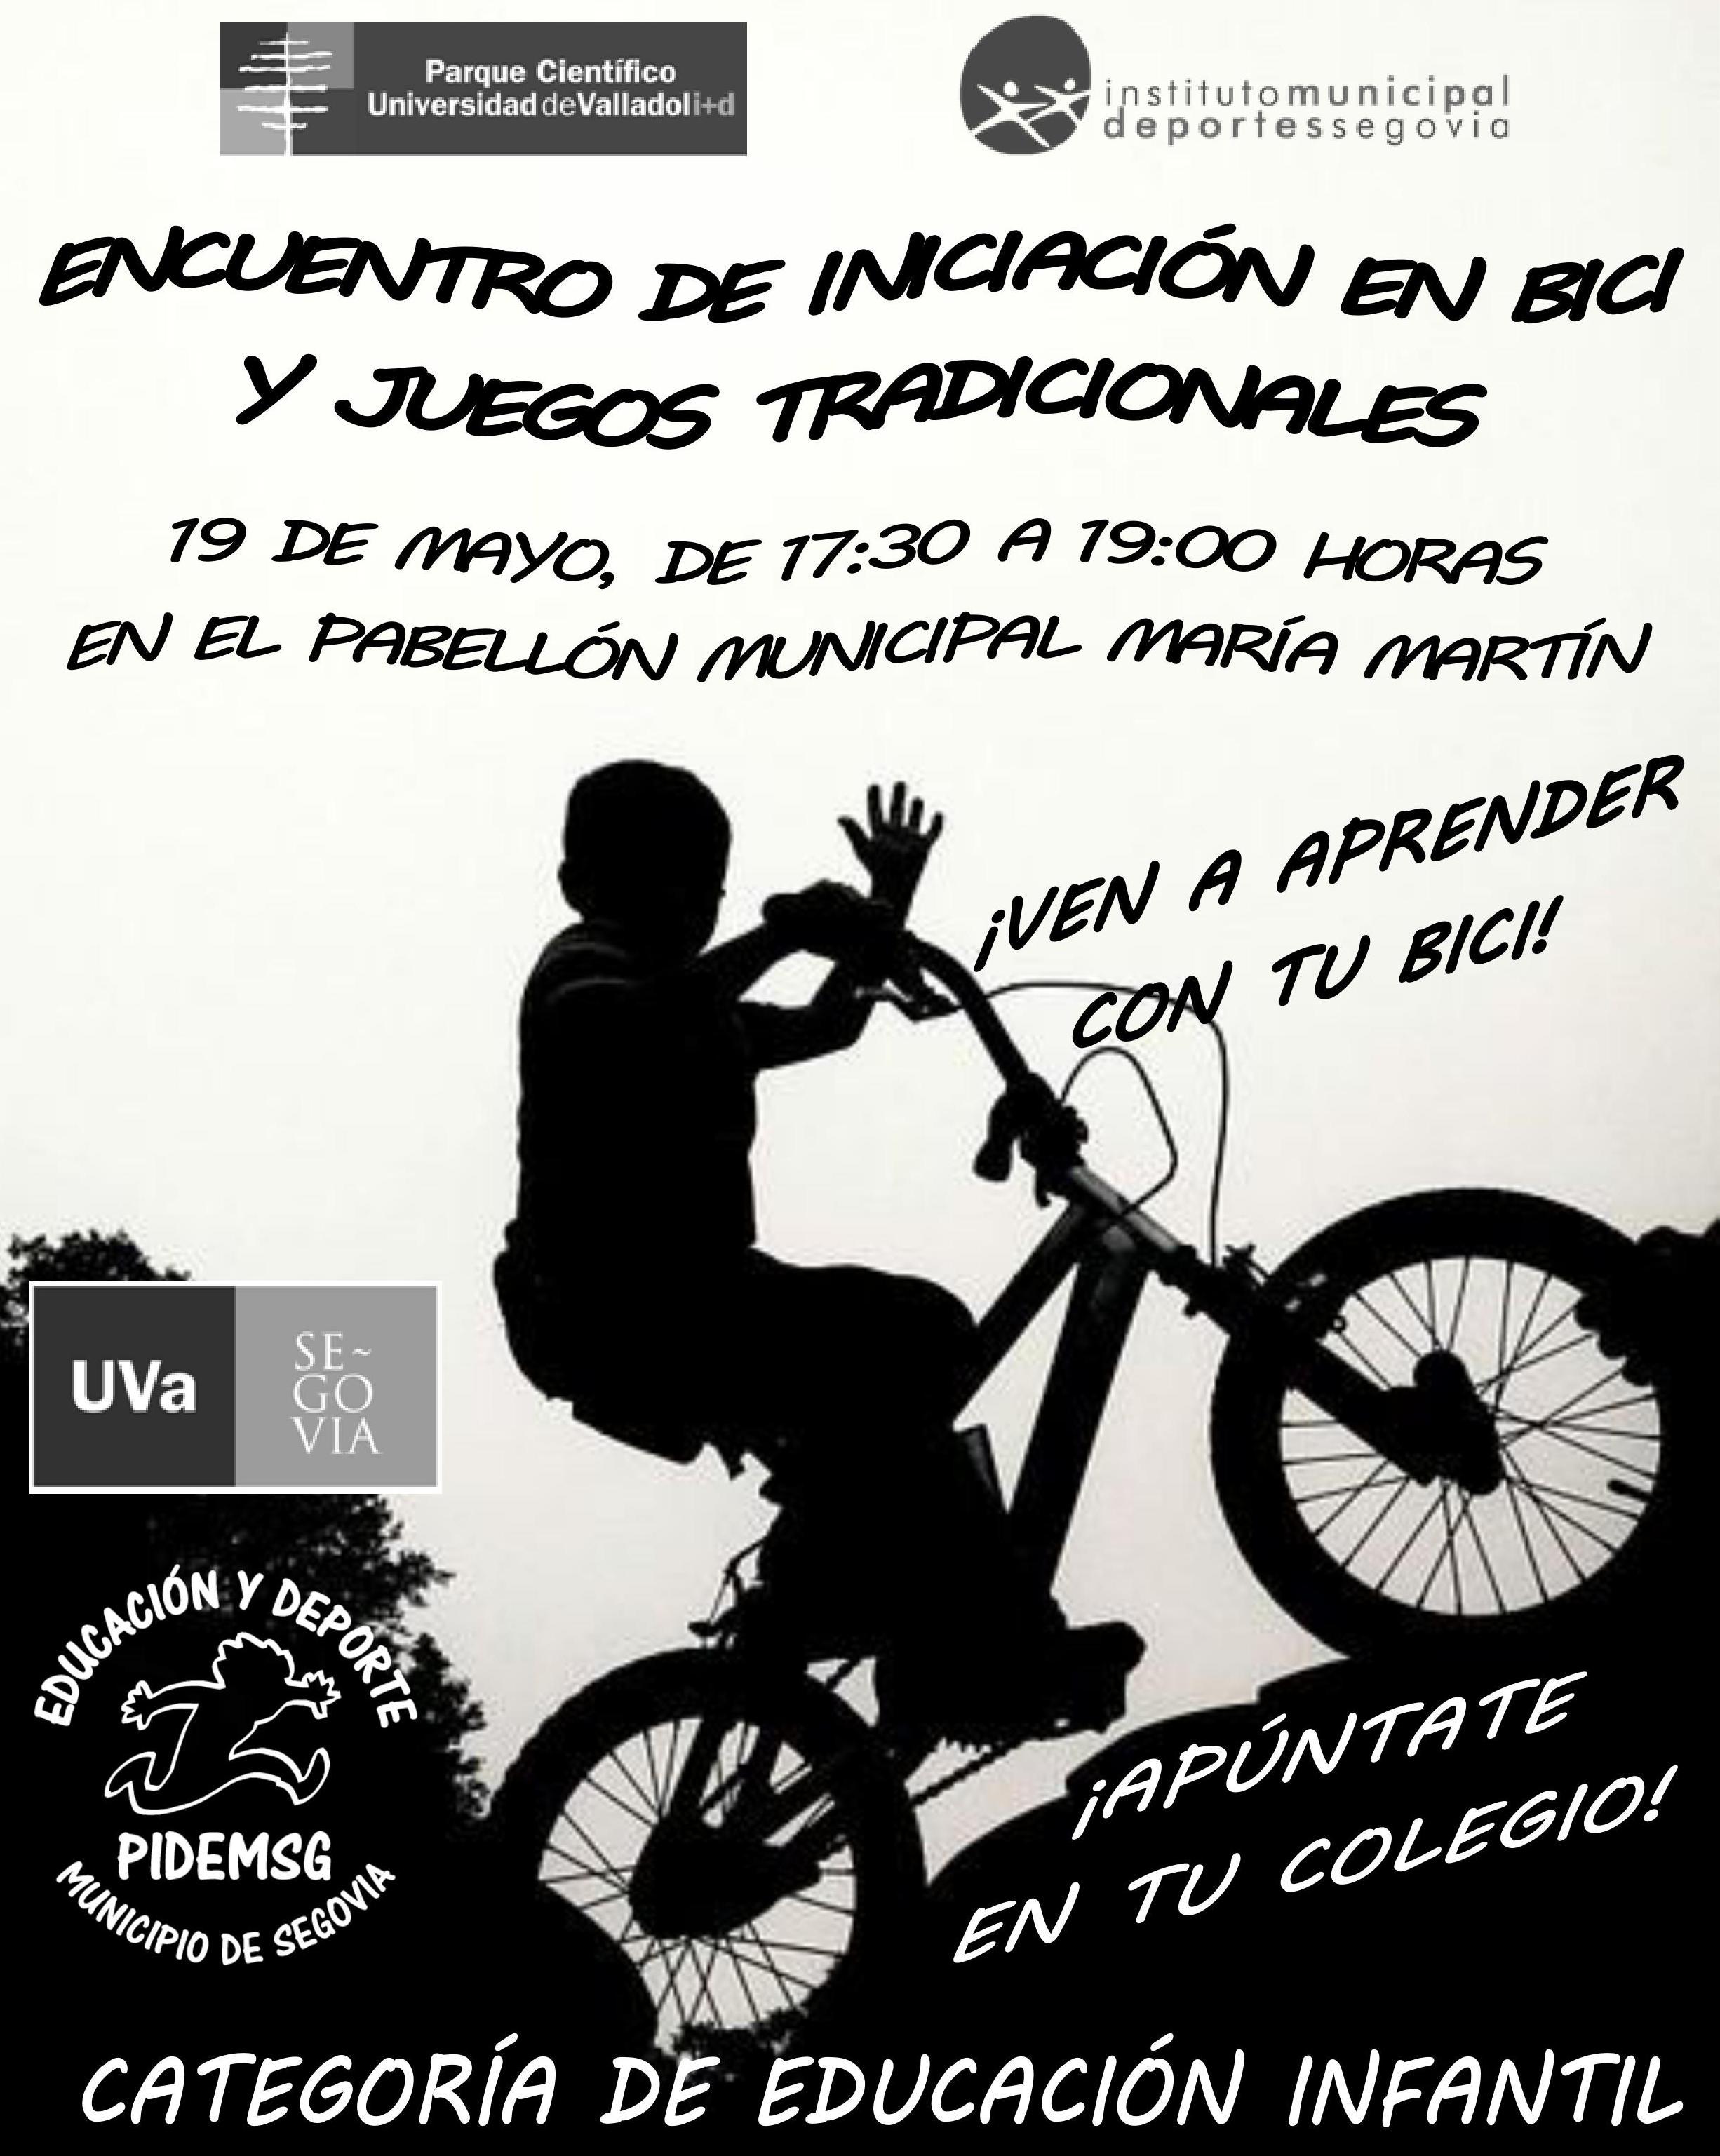 Deporte Escolar: Encuentro de iniciación en bici y juegos tradicionales